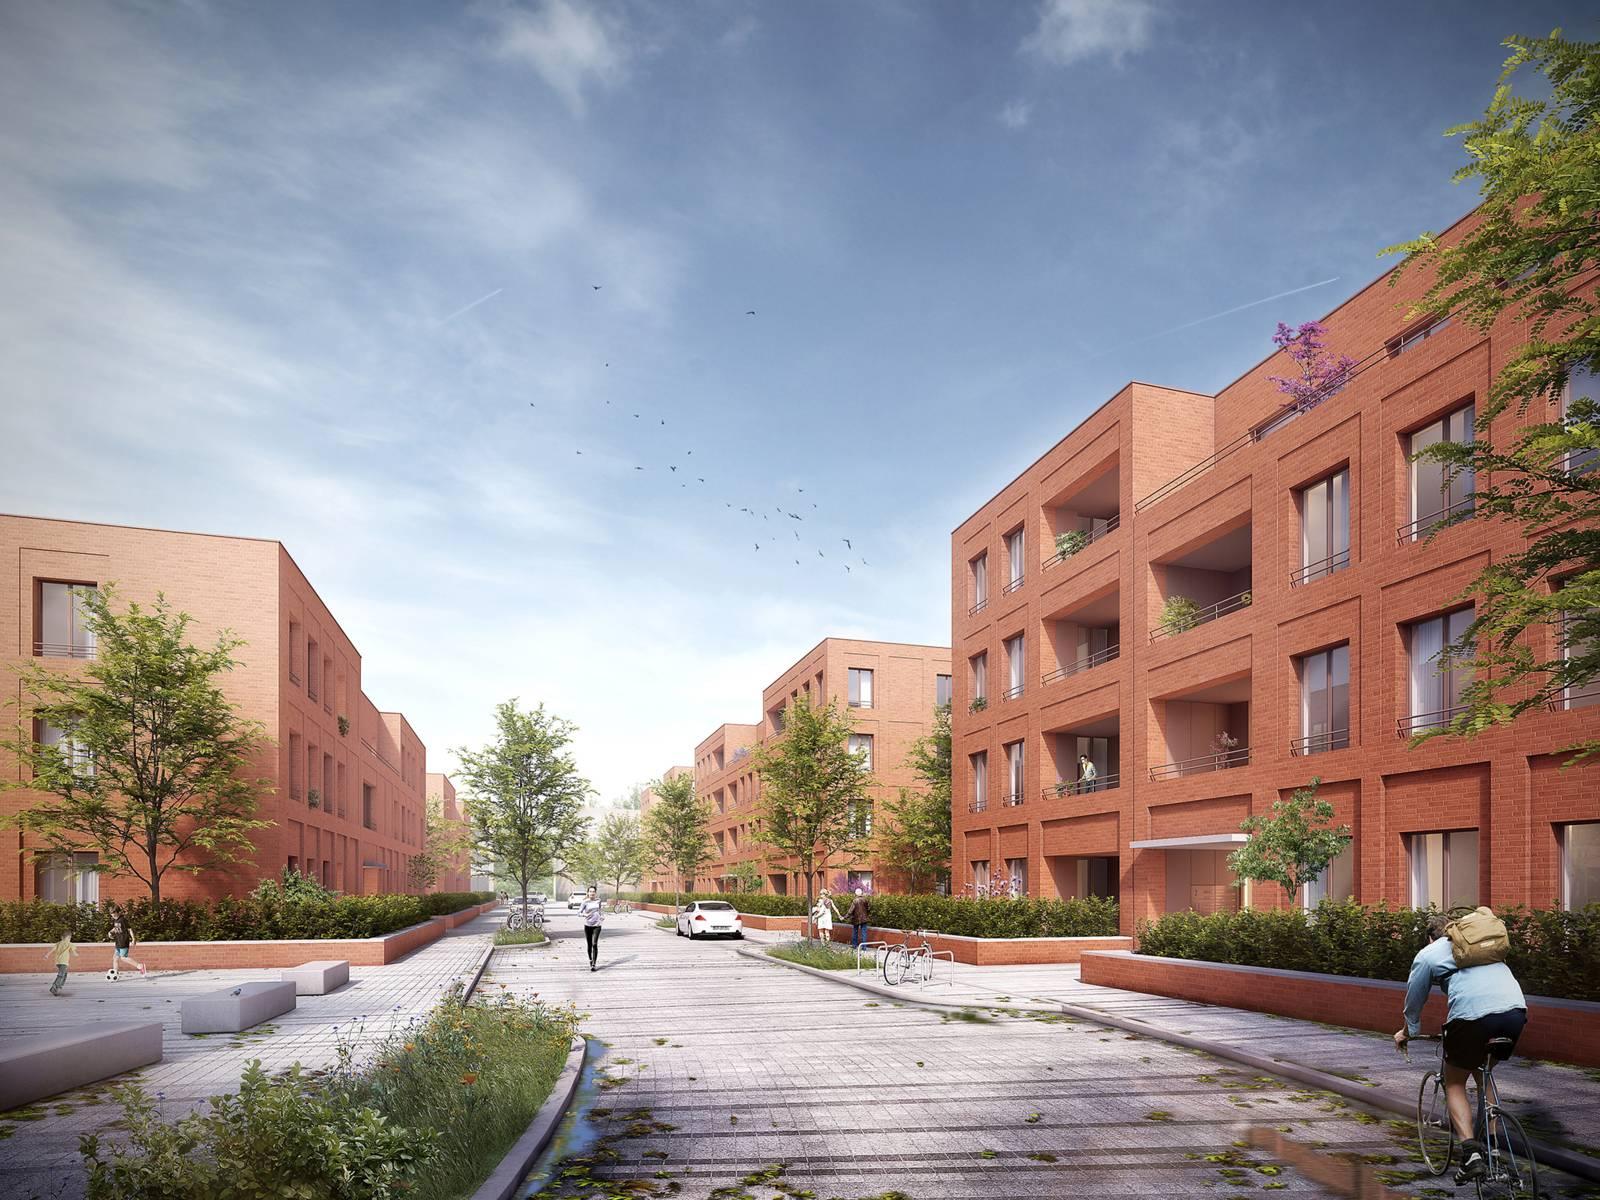 In dem Neubaugebiet sollen rund 400 Wohnungen sowie etwa 25 Ensemblehäuser entstehen